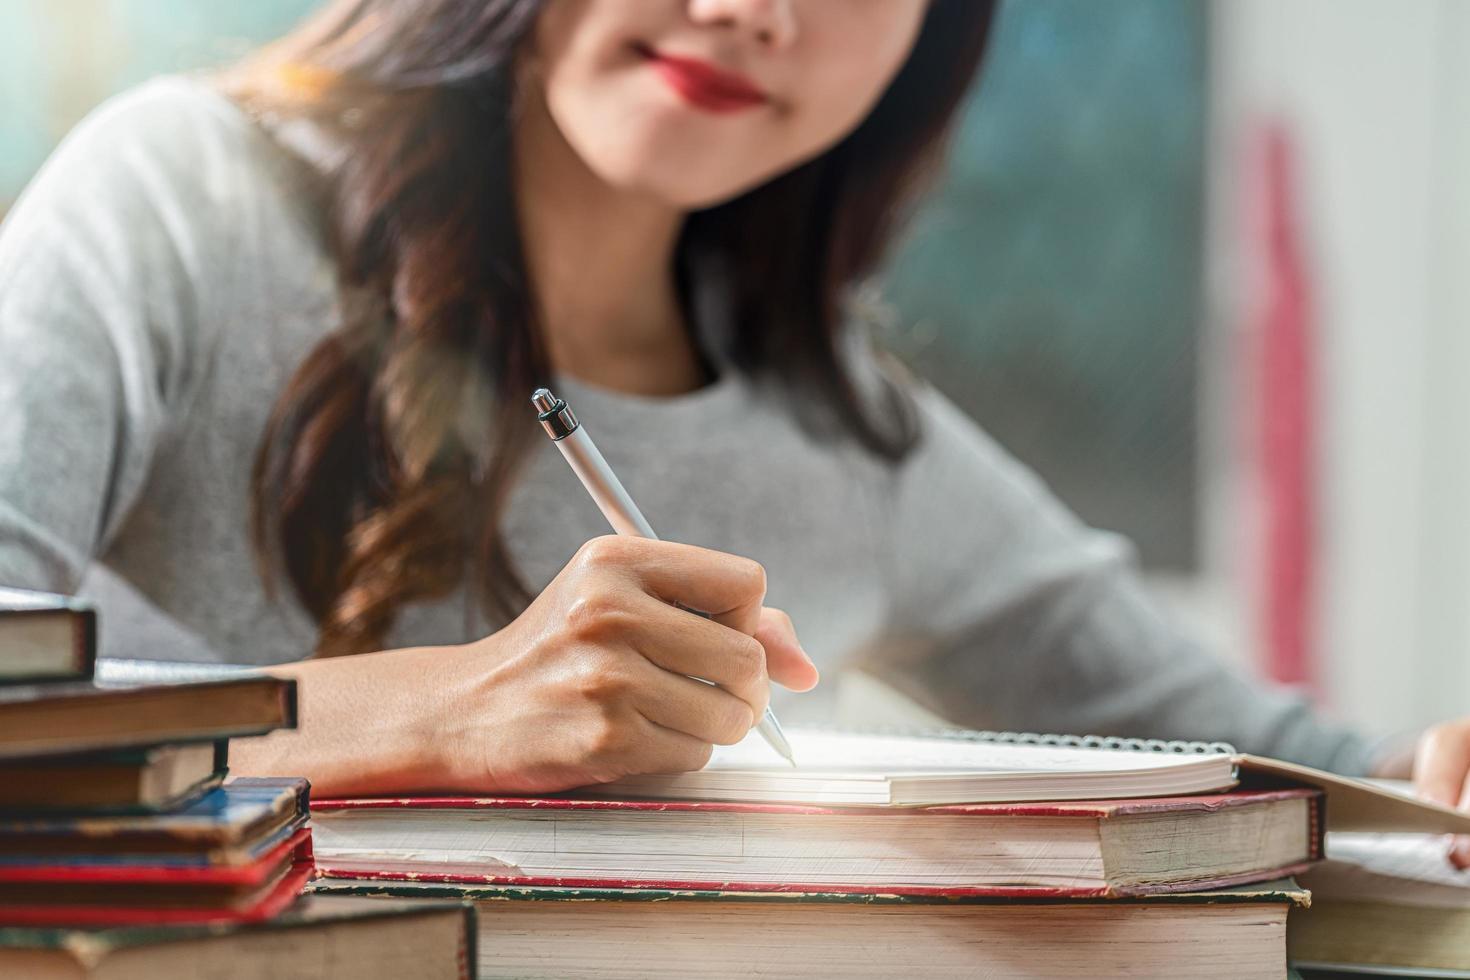 un jeune étudiant asiatique fait ses devoirs dans une bibliothèque photo